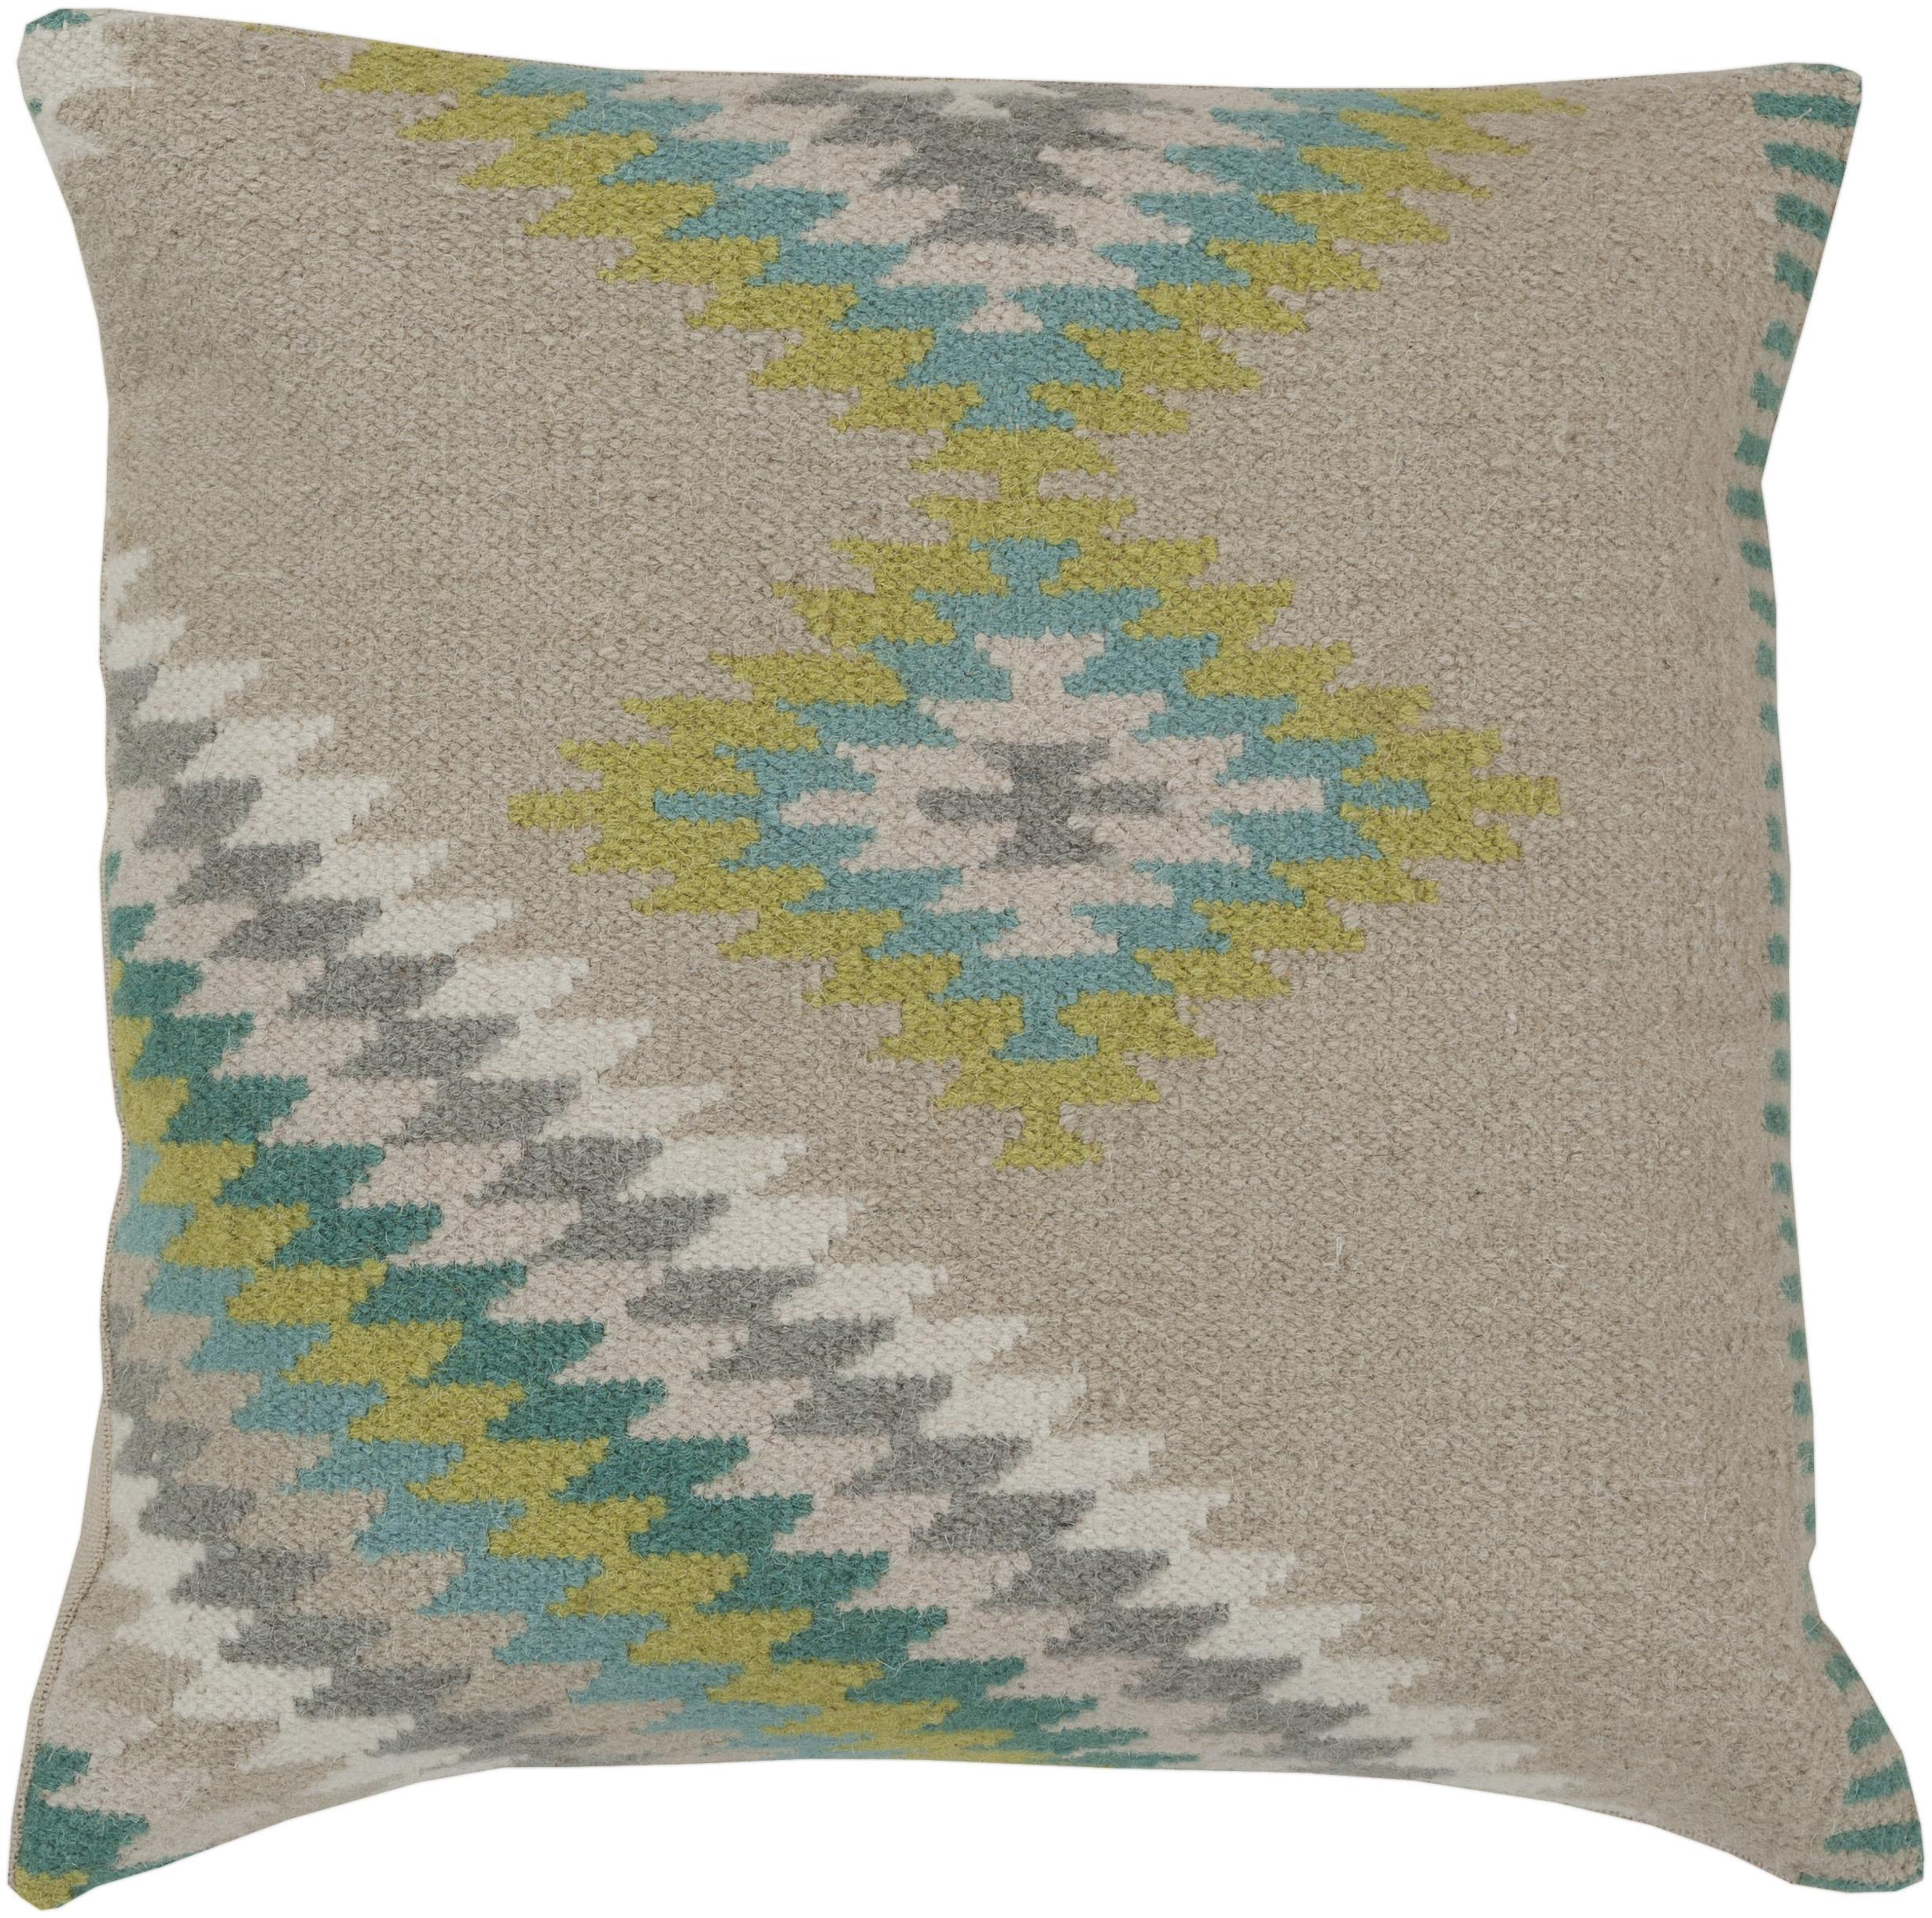 """Surya Rugs Pillows 18"""" x 18"""" Pillow - Item Number: LD034-1818P"""